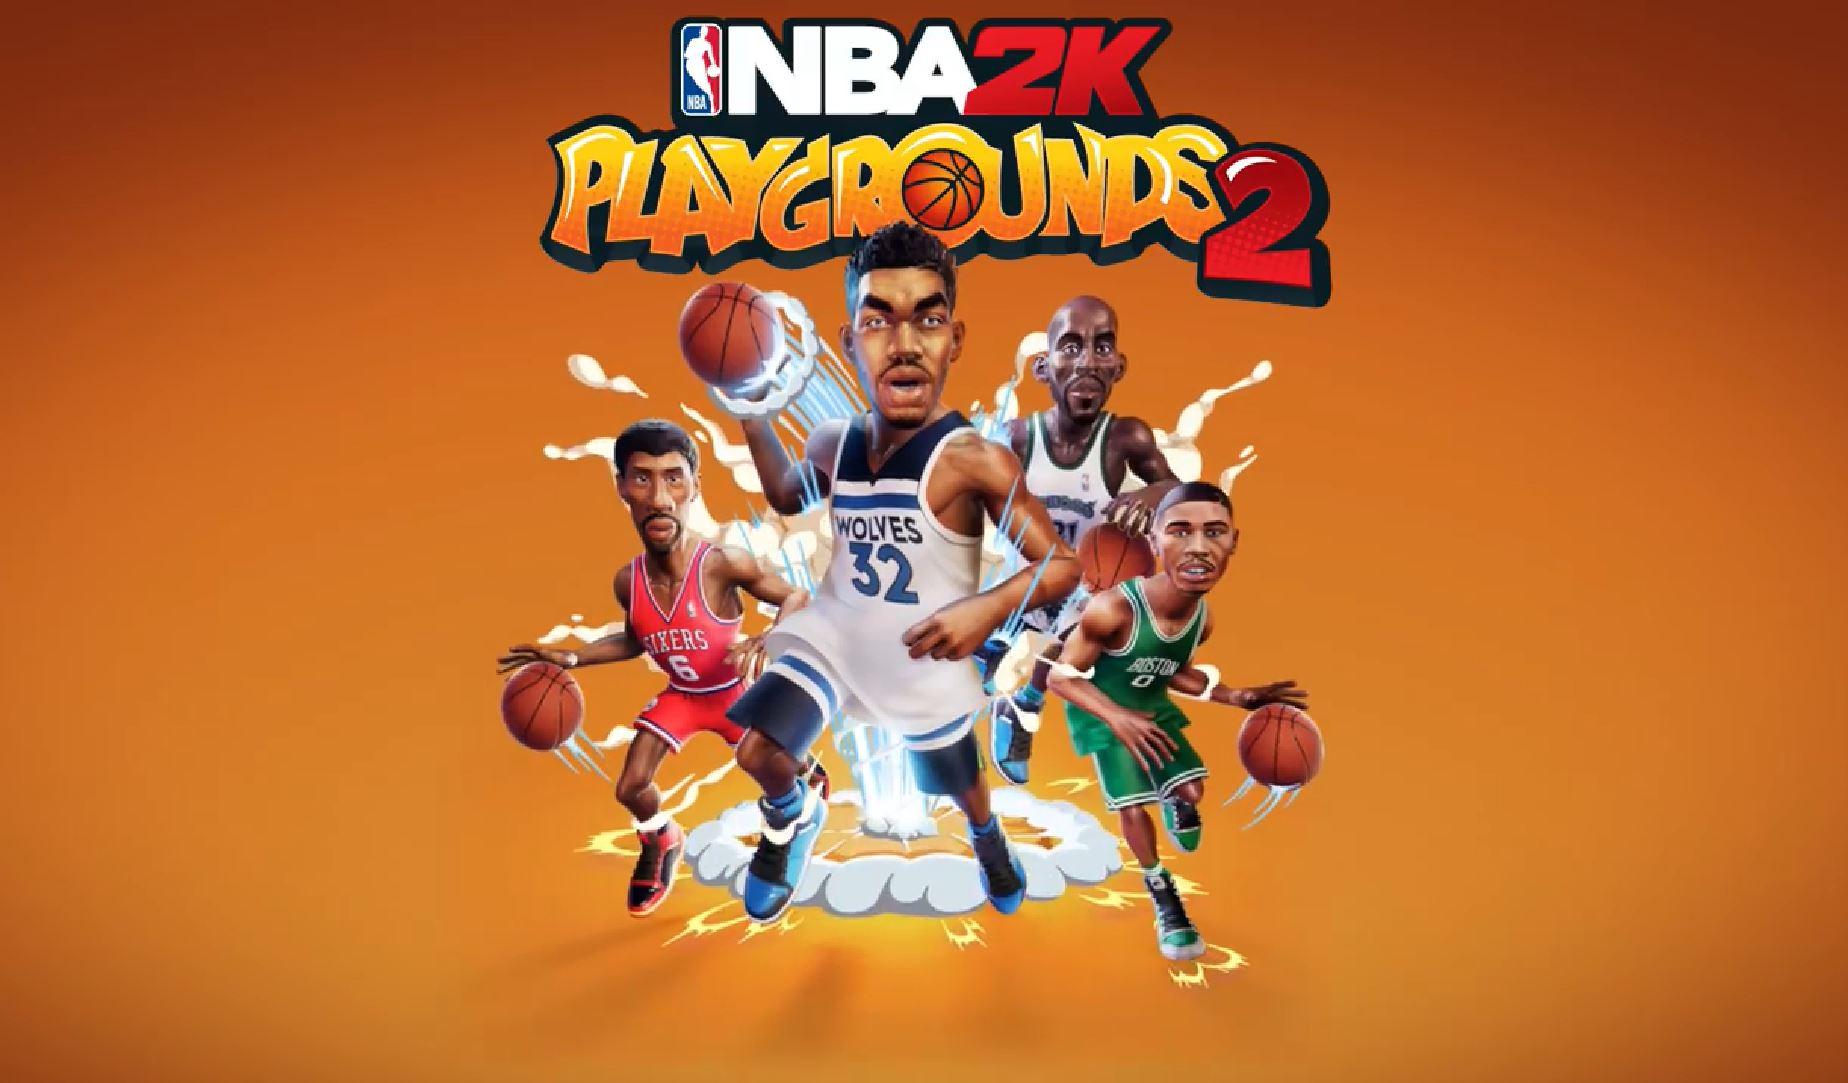 NBA 2K Playgrounds 2 Coming October 16